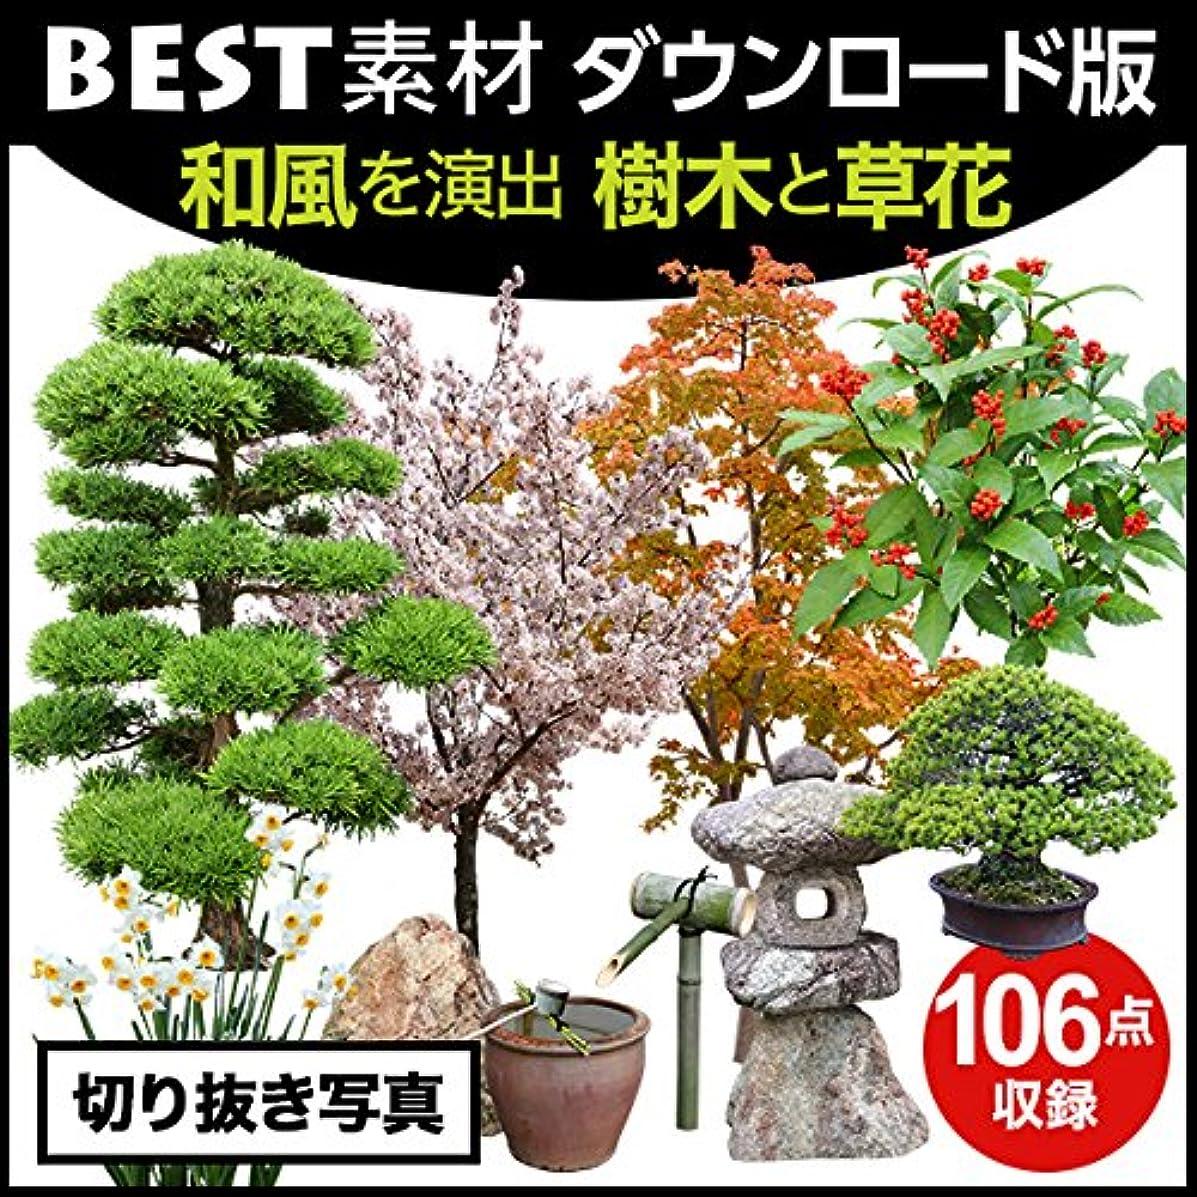 【BEST素材】和風を演出_樹木と草花(Win)|ダウンロード版